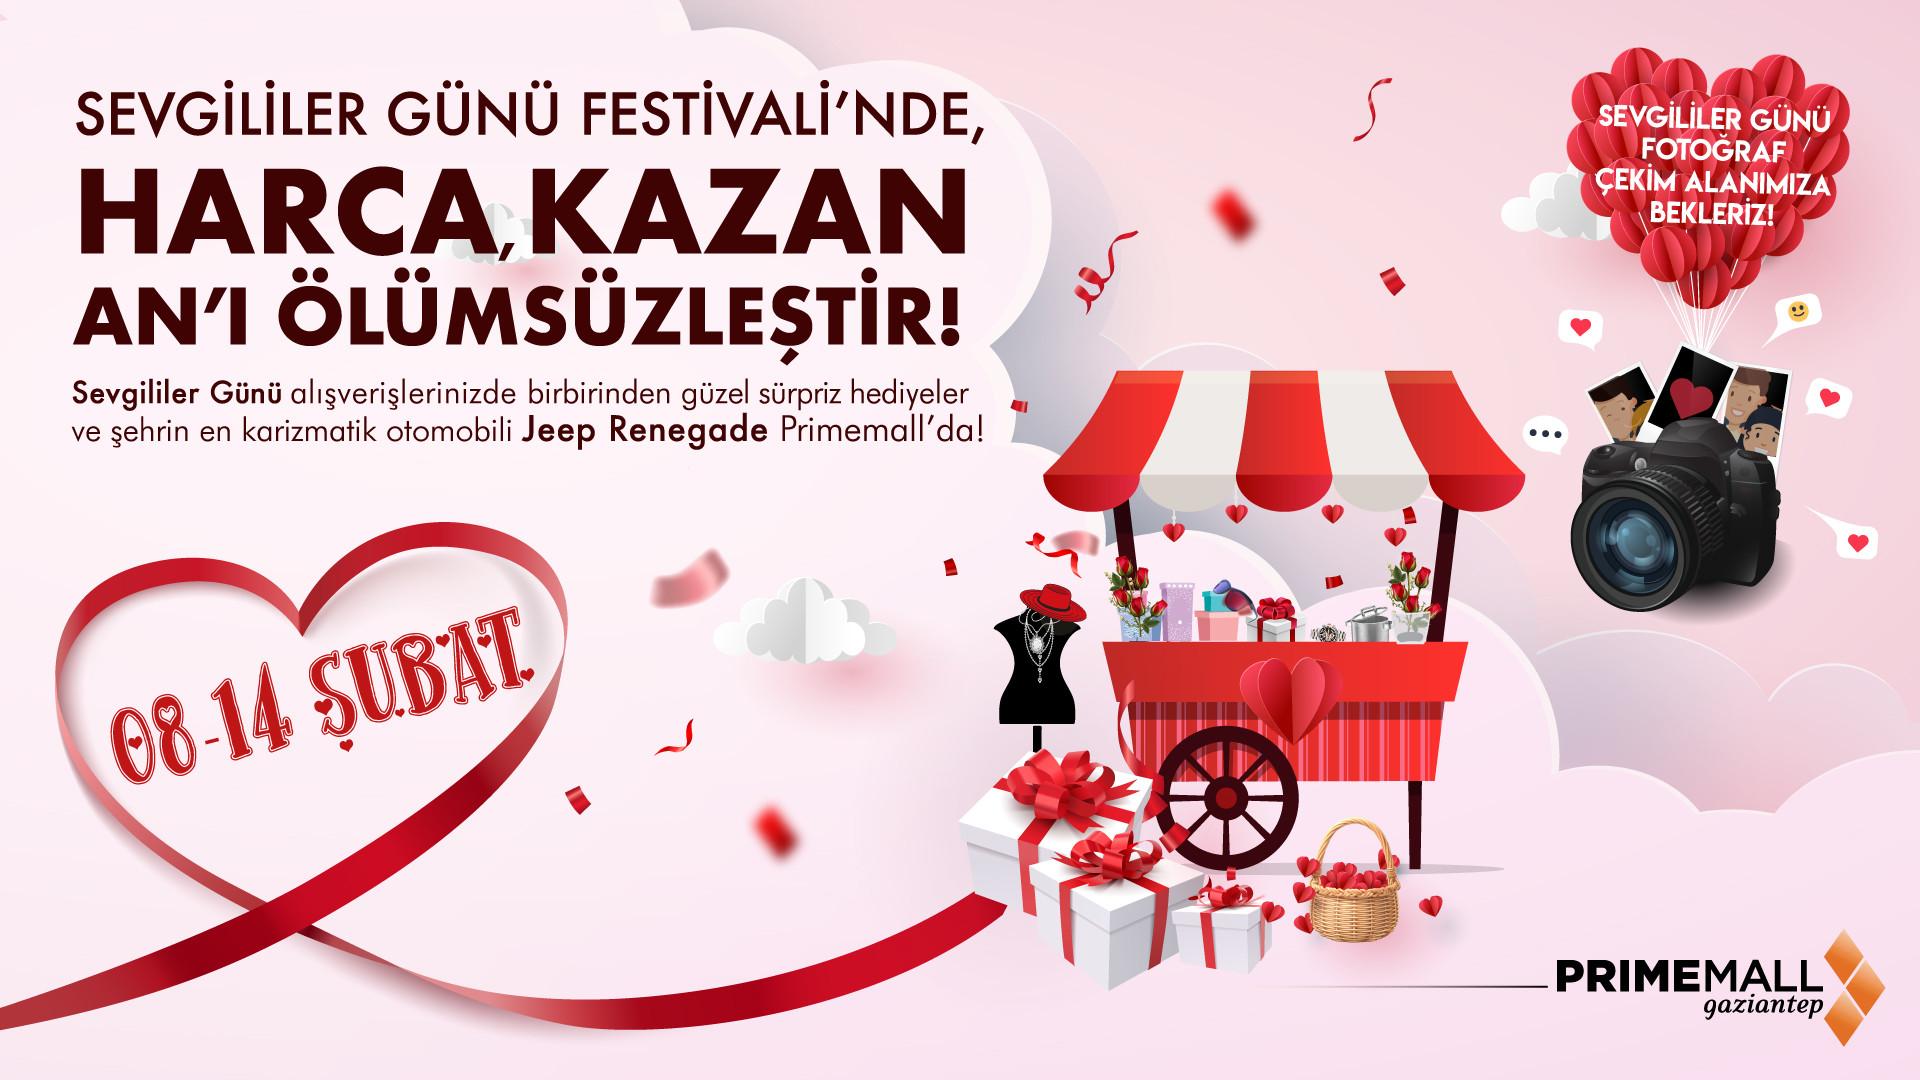 Sevgililer Günü Festivali'nde, Harca,Kazan An'ı Ölümsüzleştir!